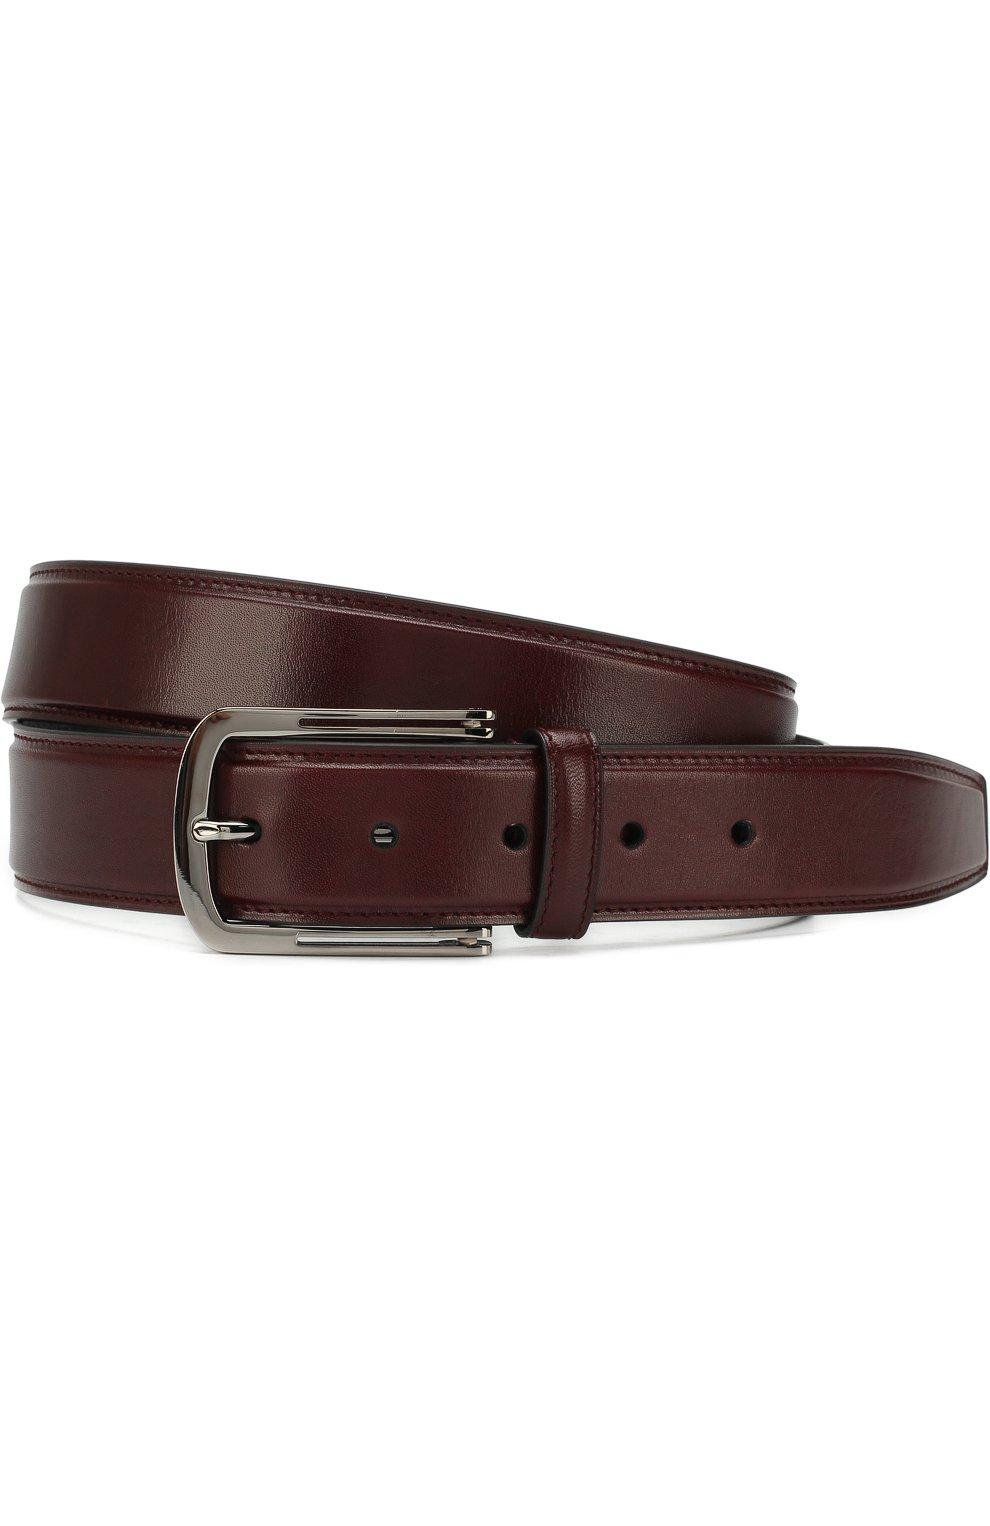 Мужской кожаный ремень с металлической пряжкой BRIONI бордового цвета, арт. 0BV50L/06763 | Фото 1